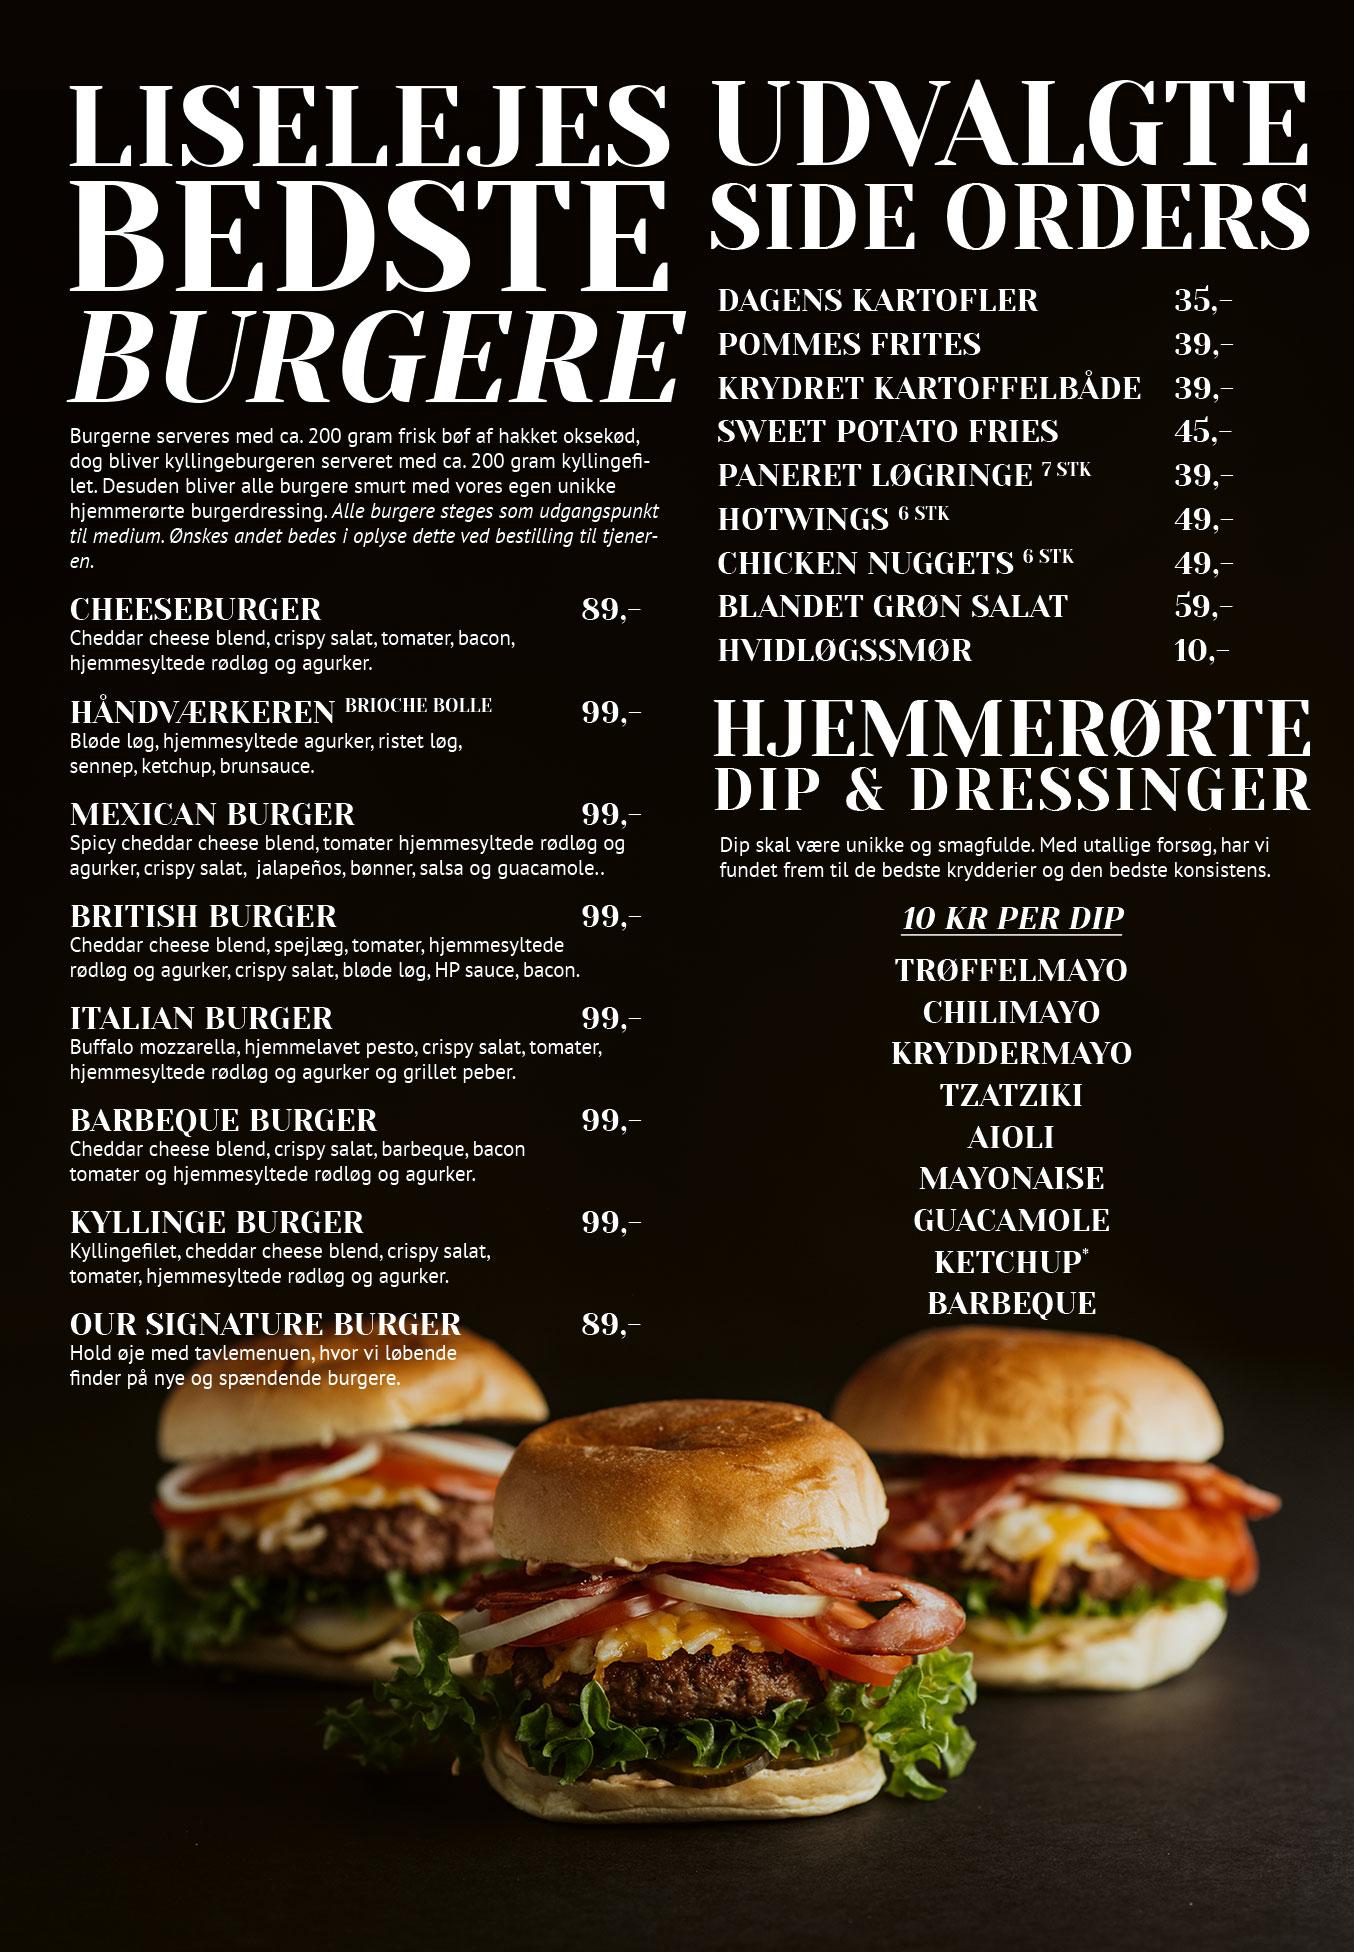 Side 3: Burgere, side orders, dip og dressinger